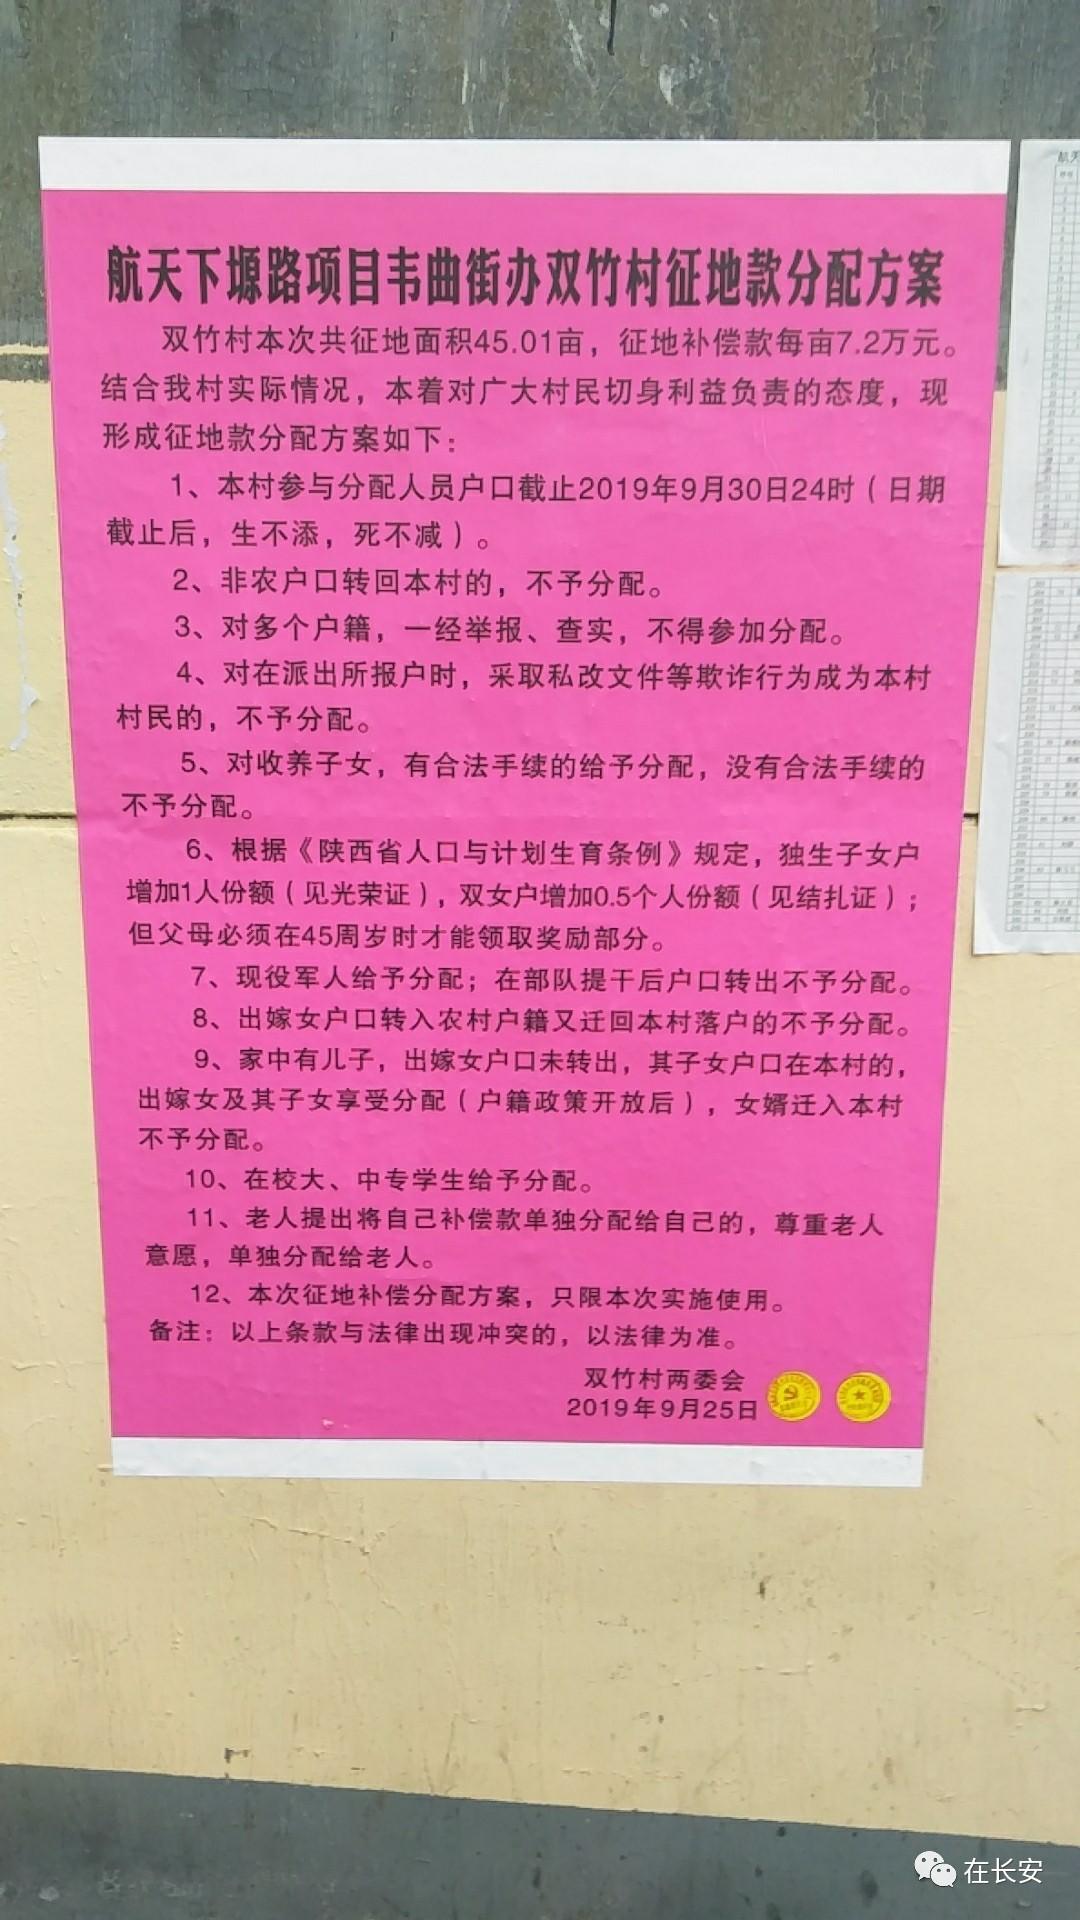 【拆迁安置】韦曲街办双竹村征地款分配方案公布